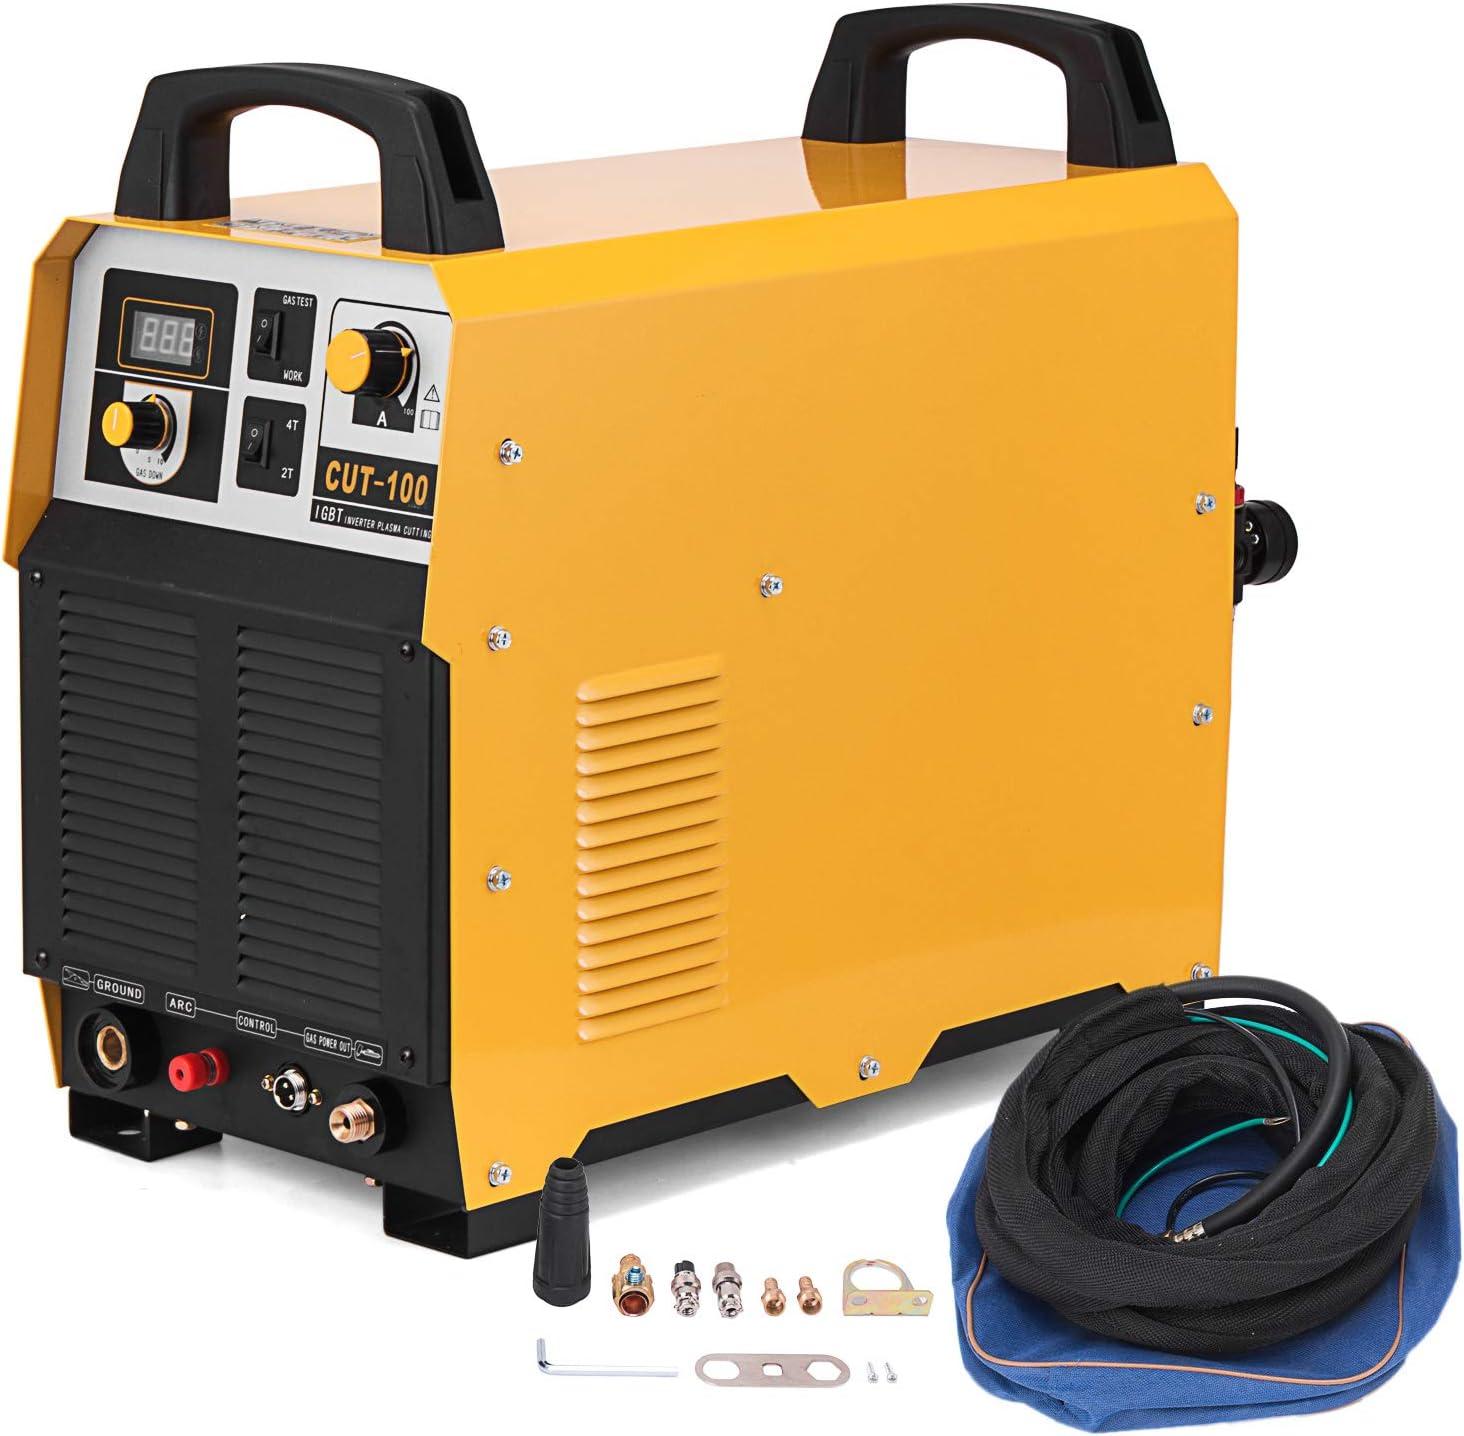 Moracle Plasma Corte CUT-100 IGBT Instrumento 100A Piloto de iluminación 35 mm 380V (CUT-100)